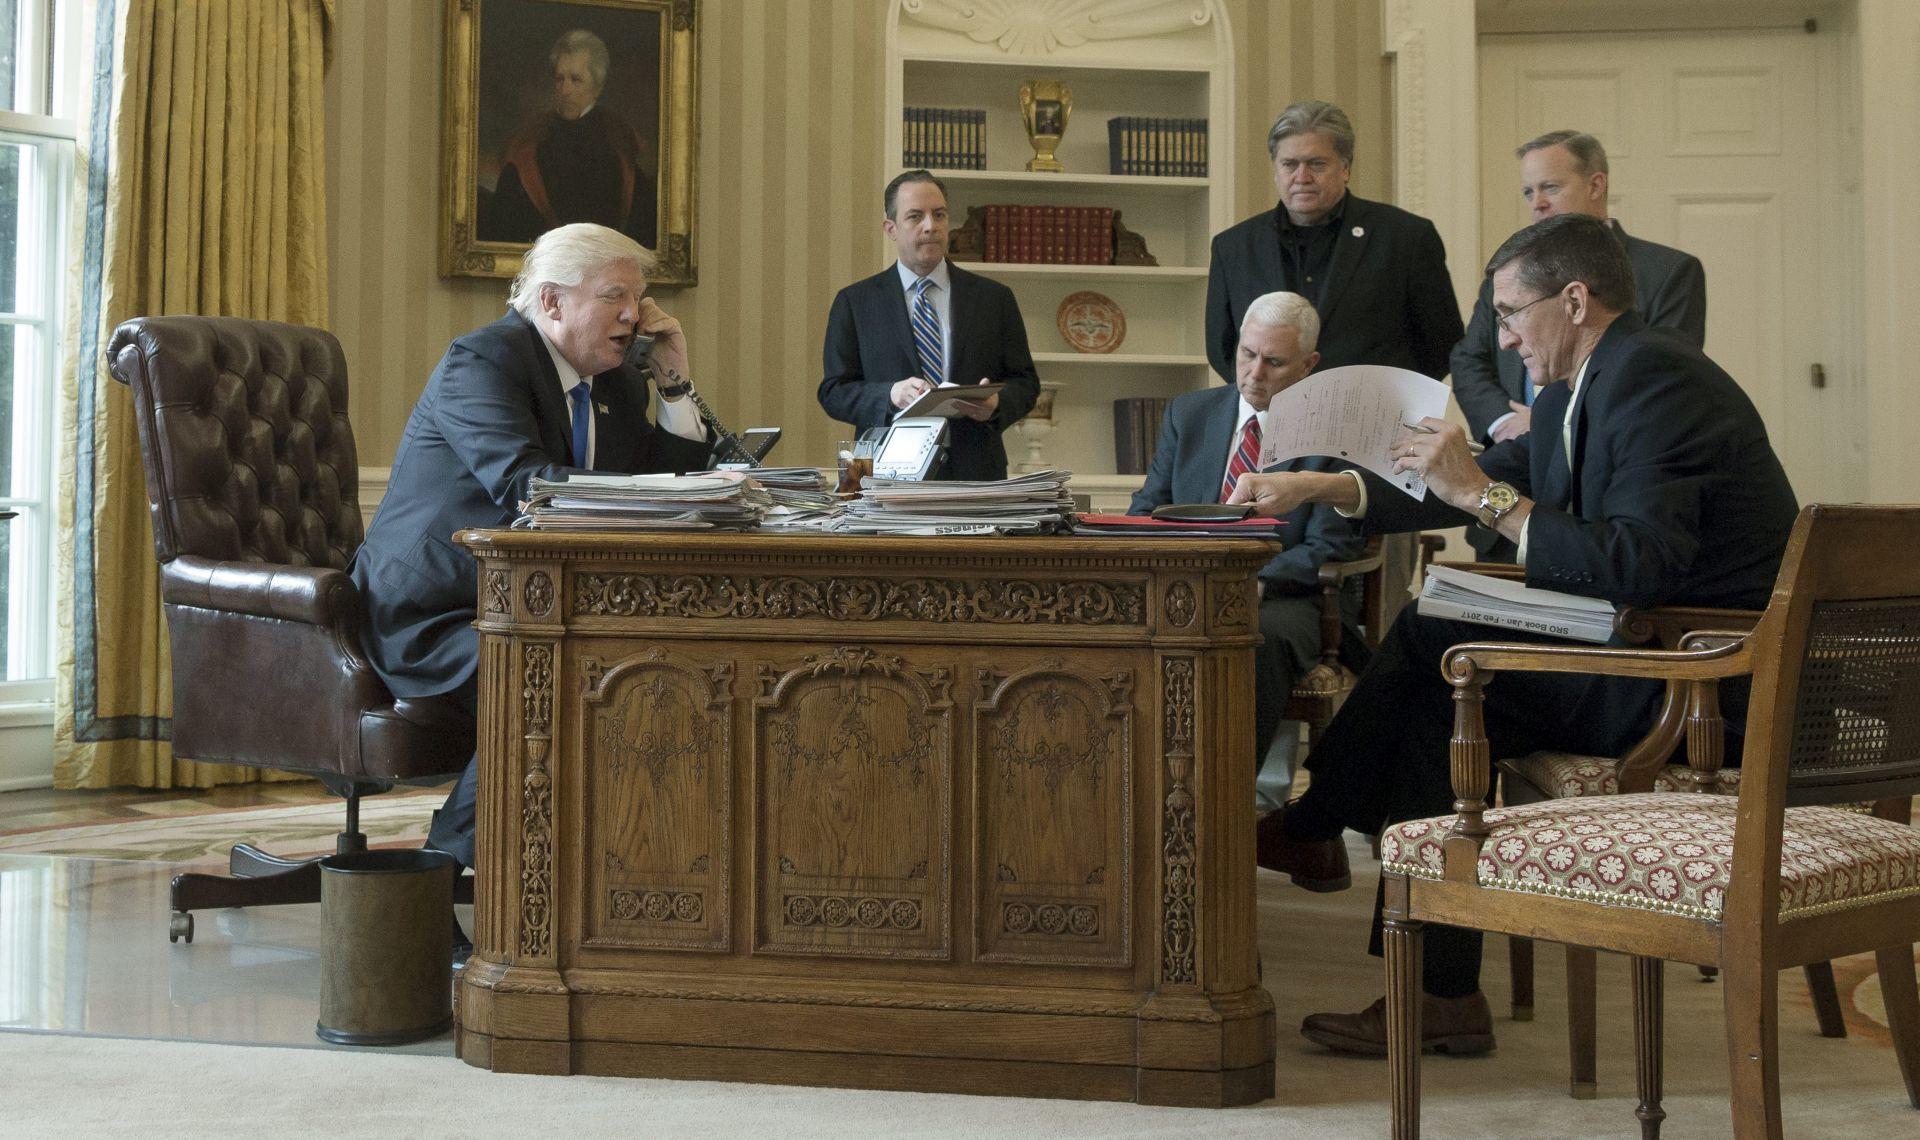 RAZGOVOR S PUTINOM: Trump kritizirao rusko-američki sporazum o nuklearnom razoružanju